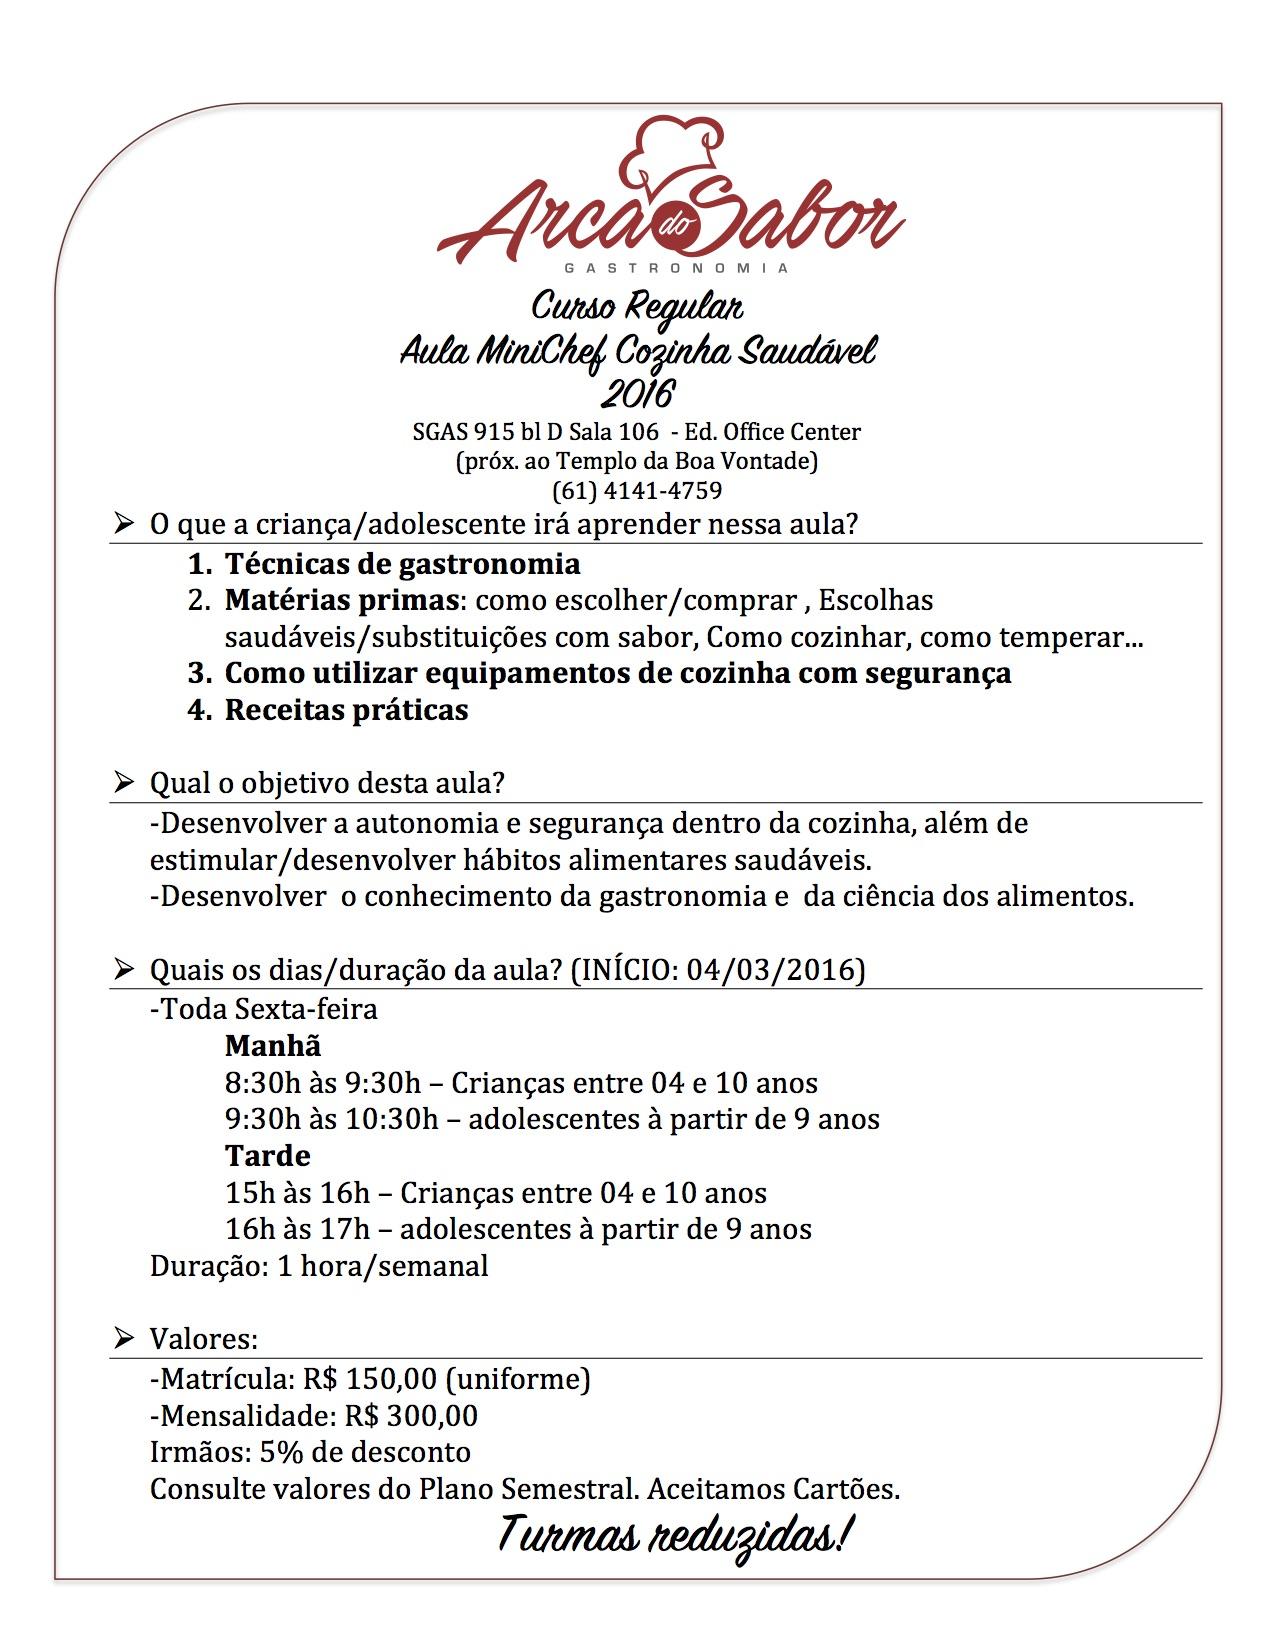 Populares MINICHEF CULINÁRIA SAUDÁVEL:Curso Regular de Gastronomia – Arca do  XU14